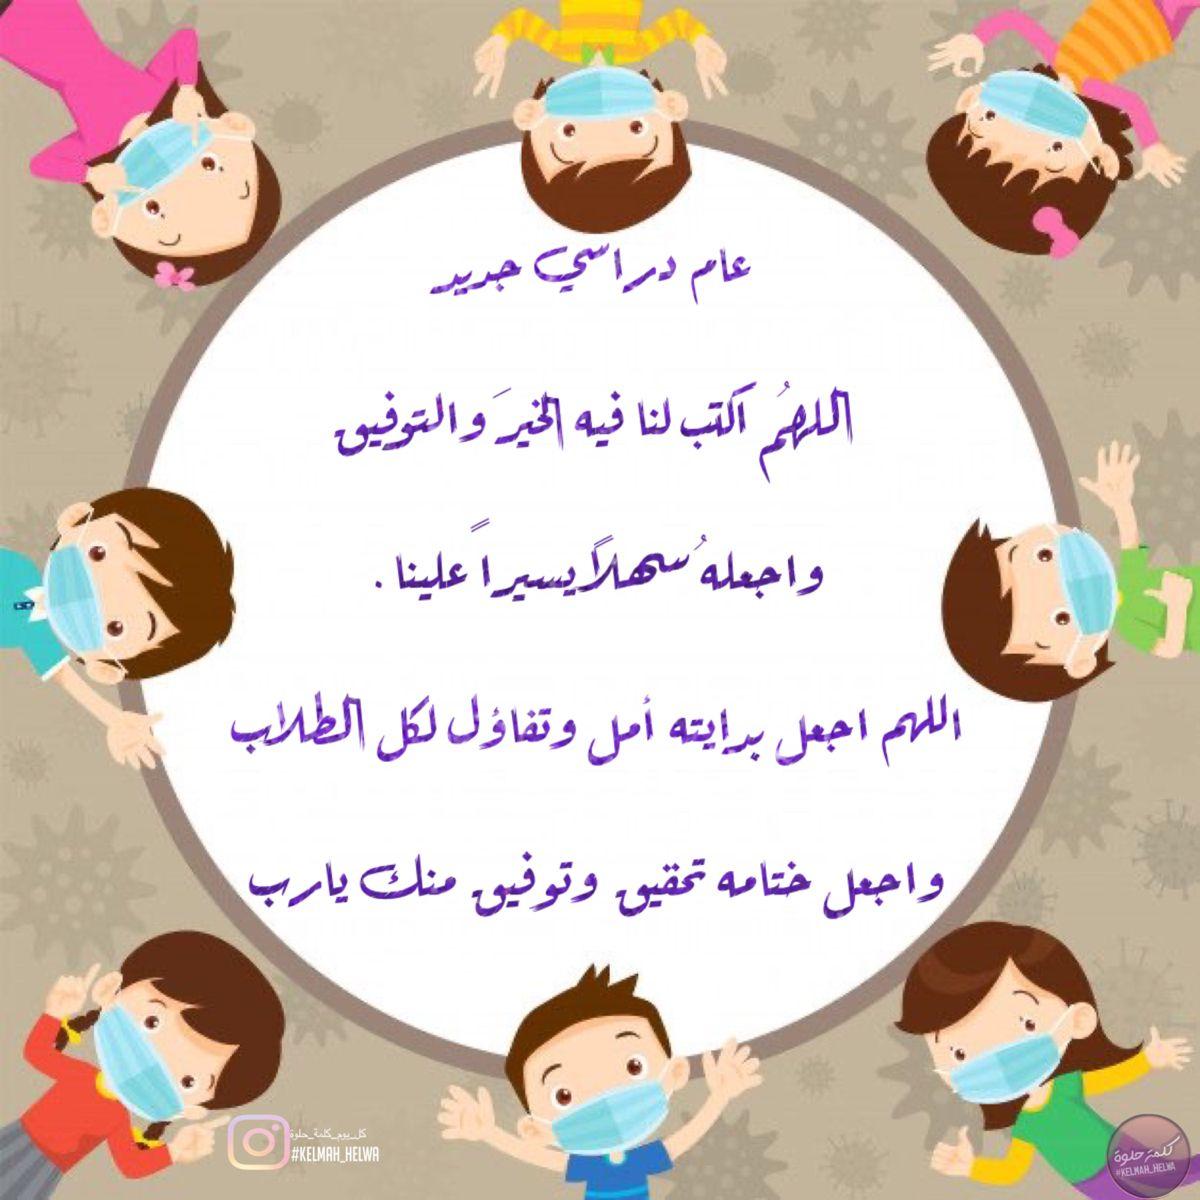 كل يوم كلمة حلوة Kelmah Helwa Instagram Photos And Videos Instagram Instagram Photo Photo And Video